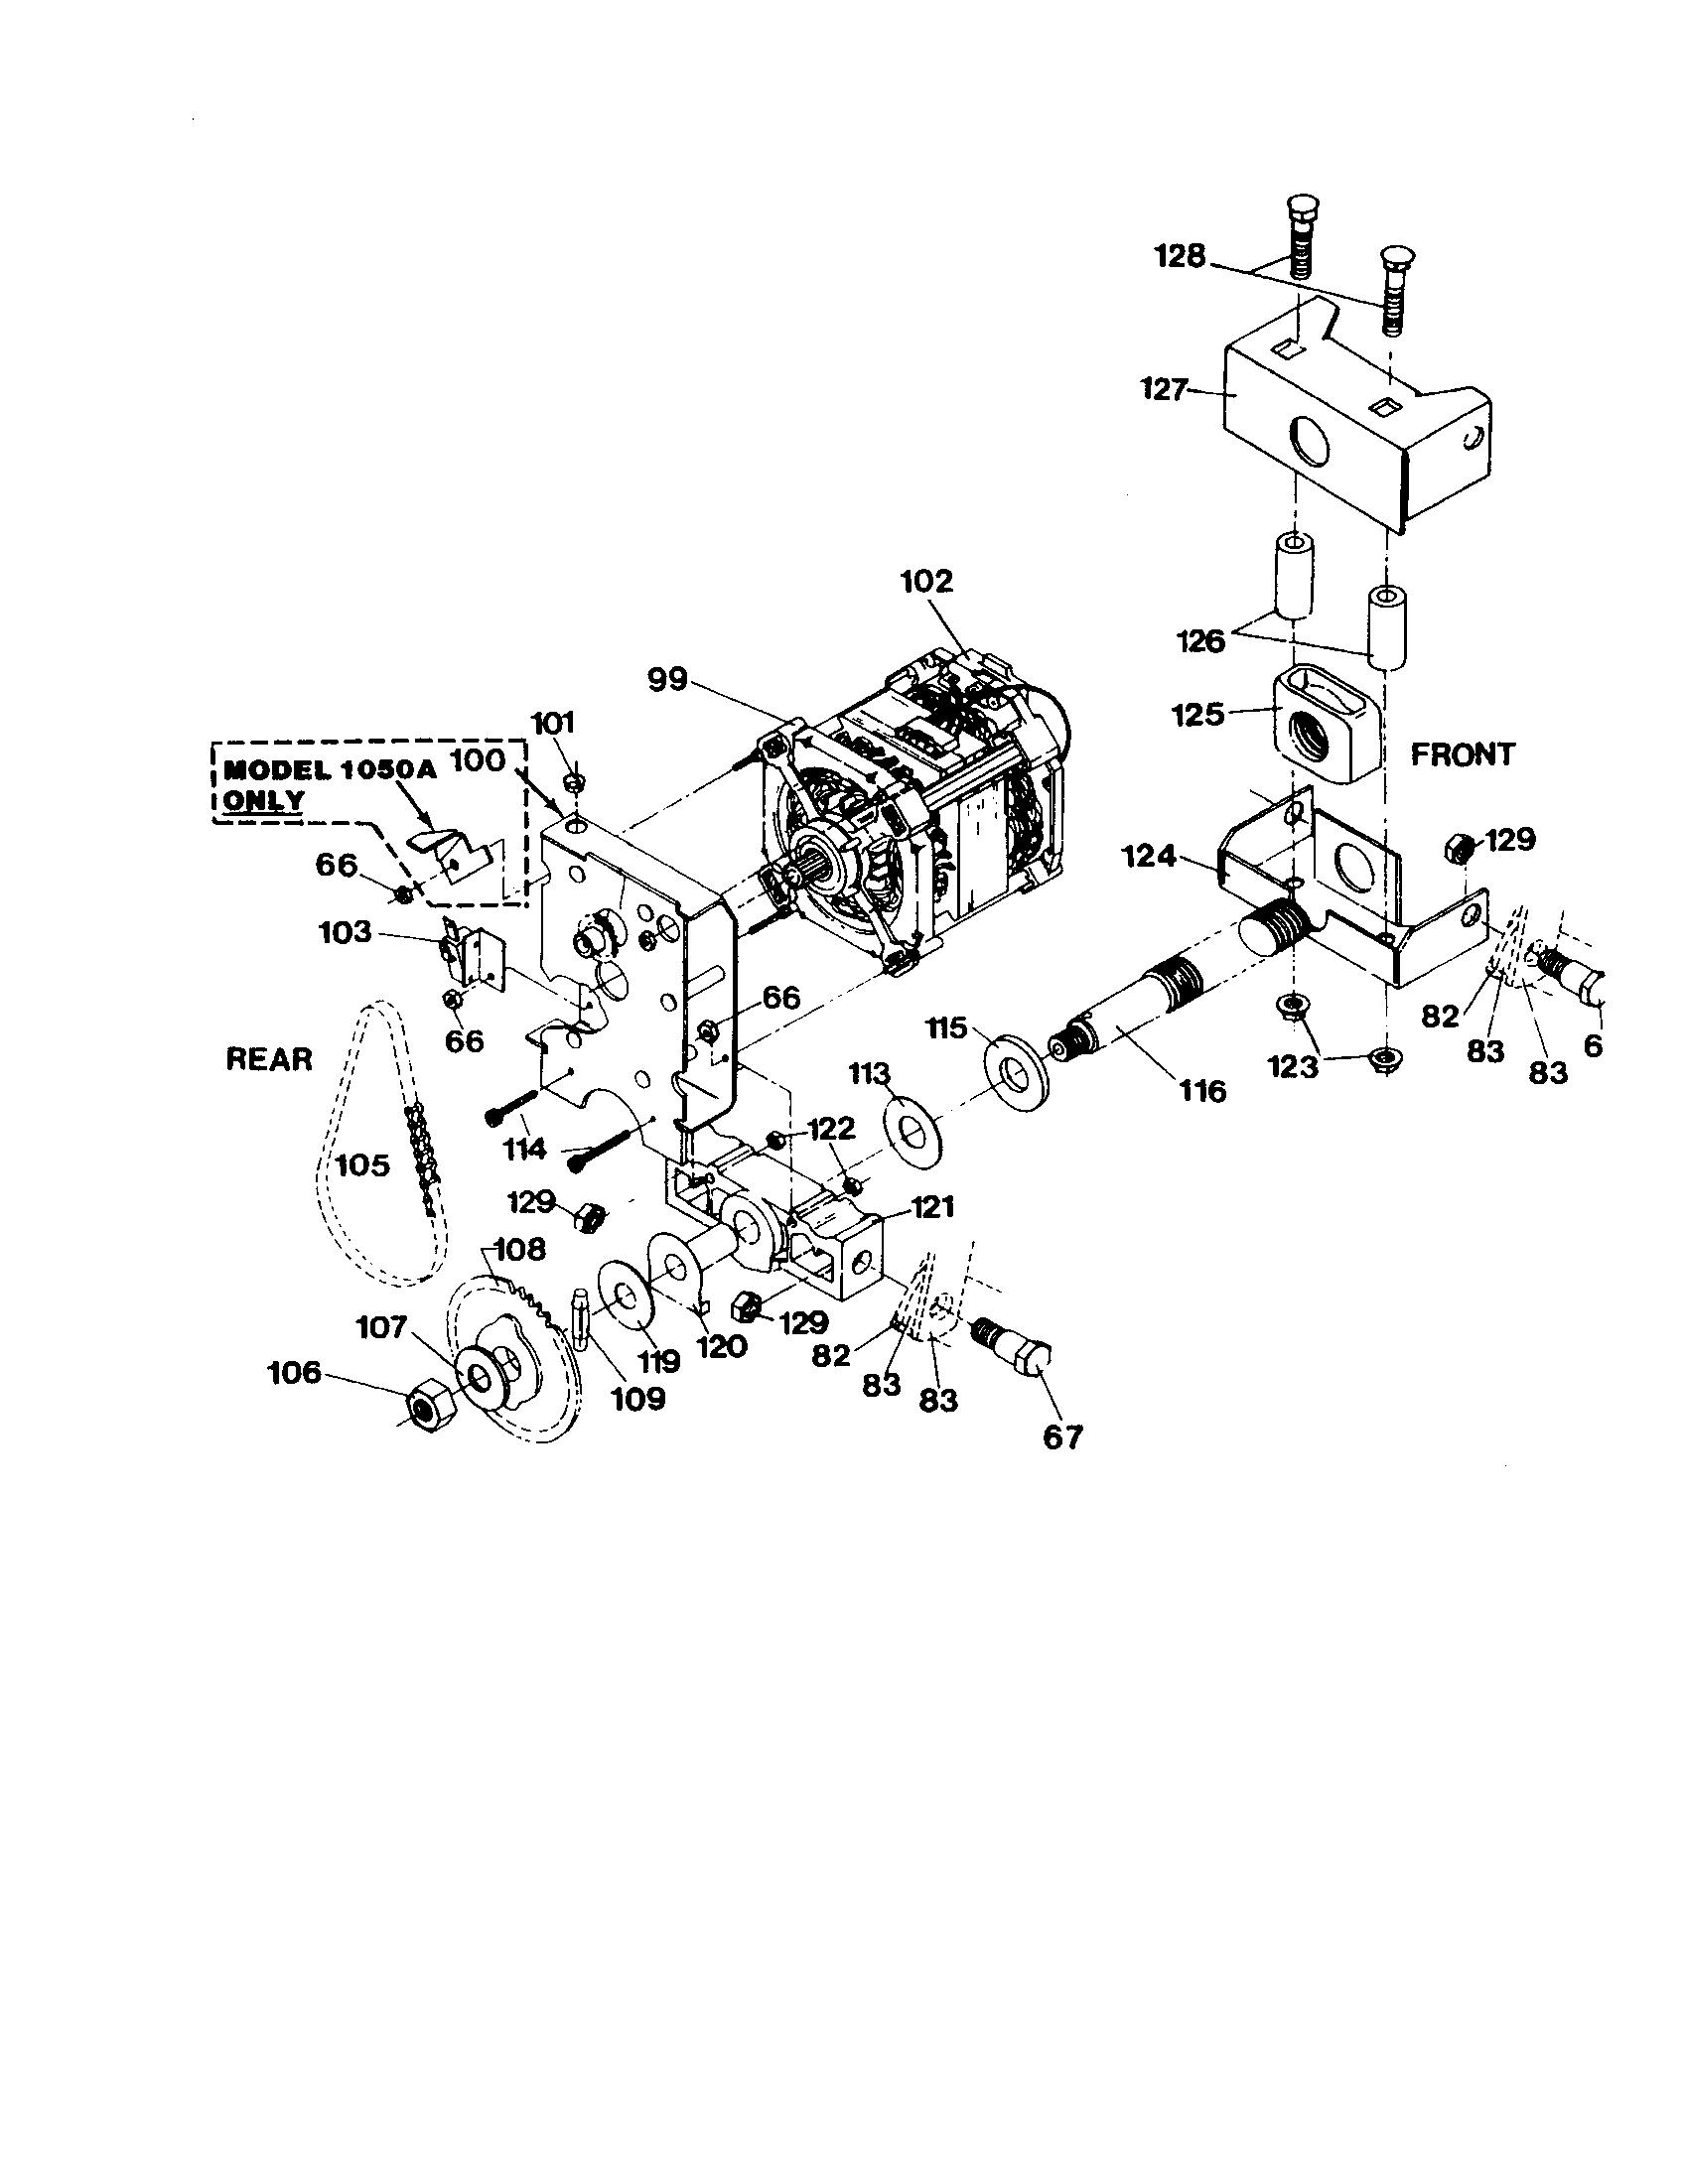 ge range electrical diagram